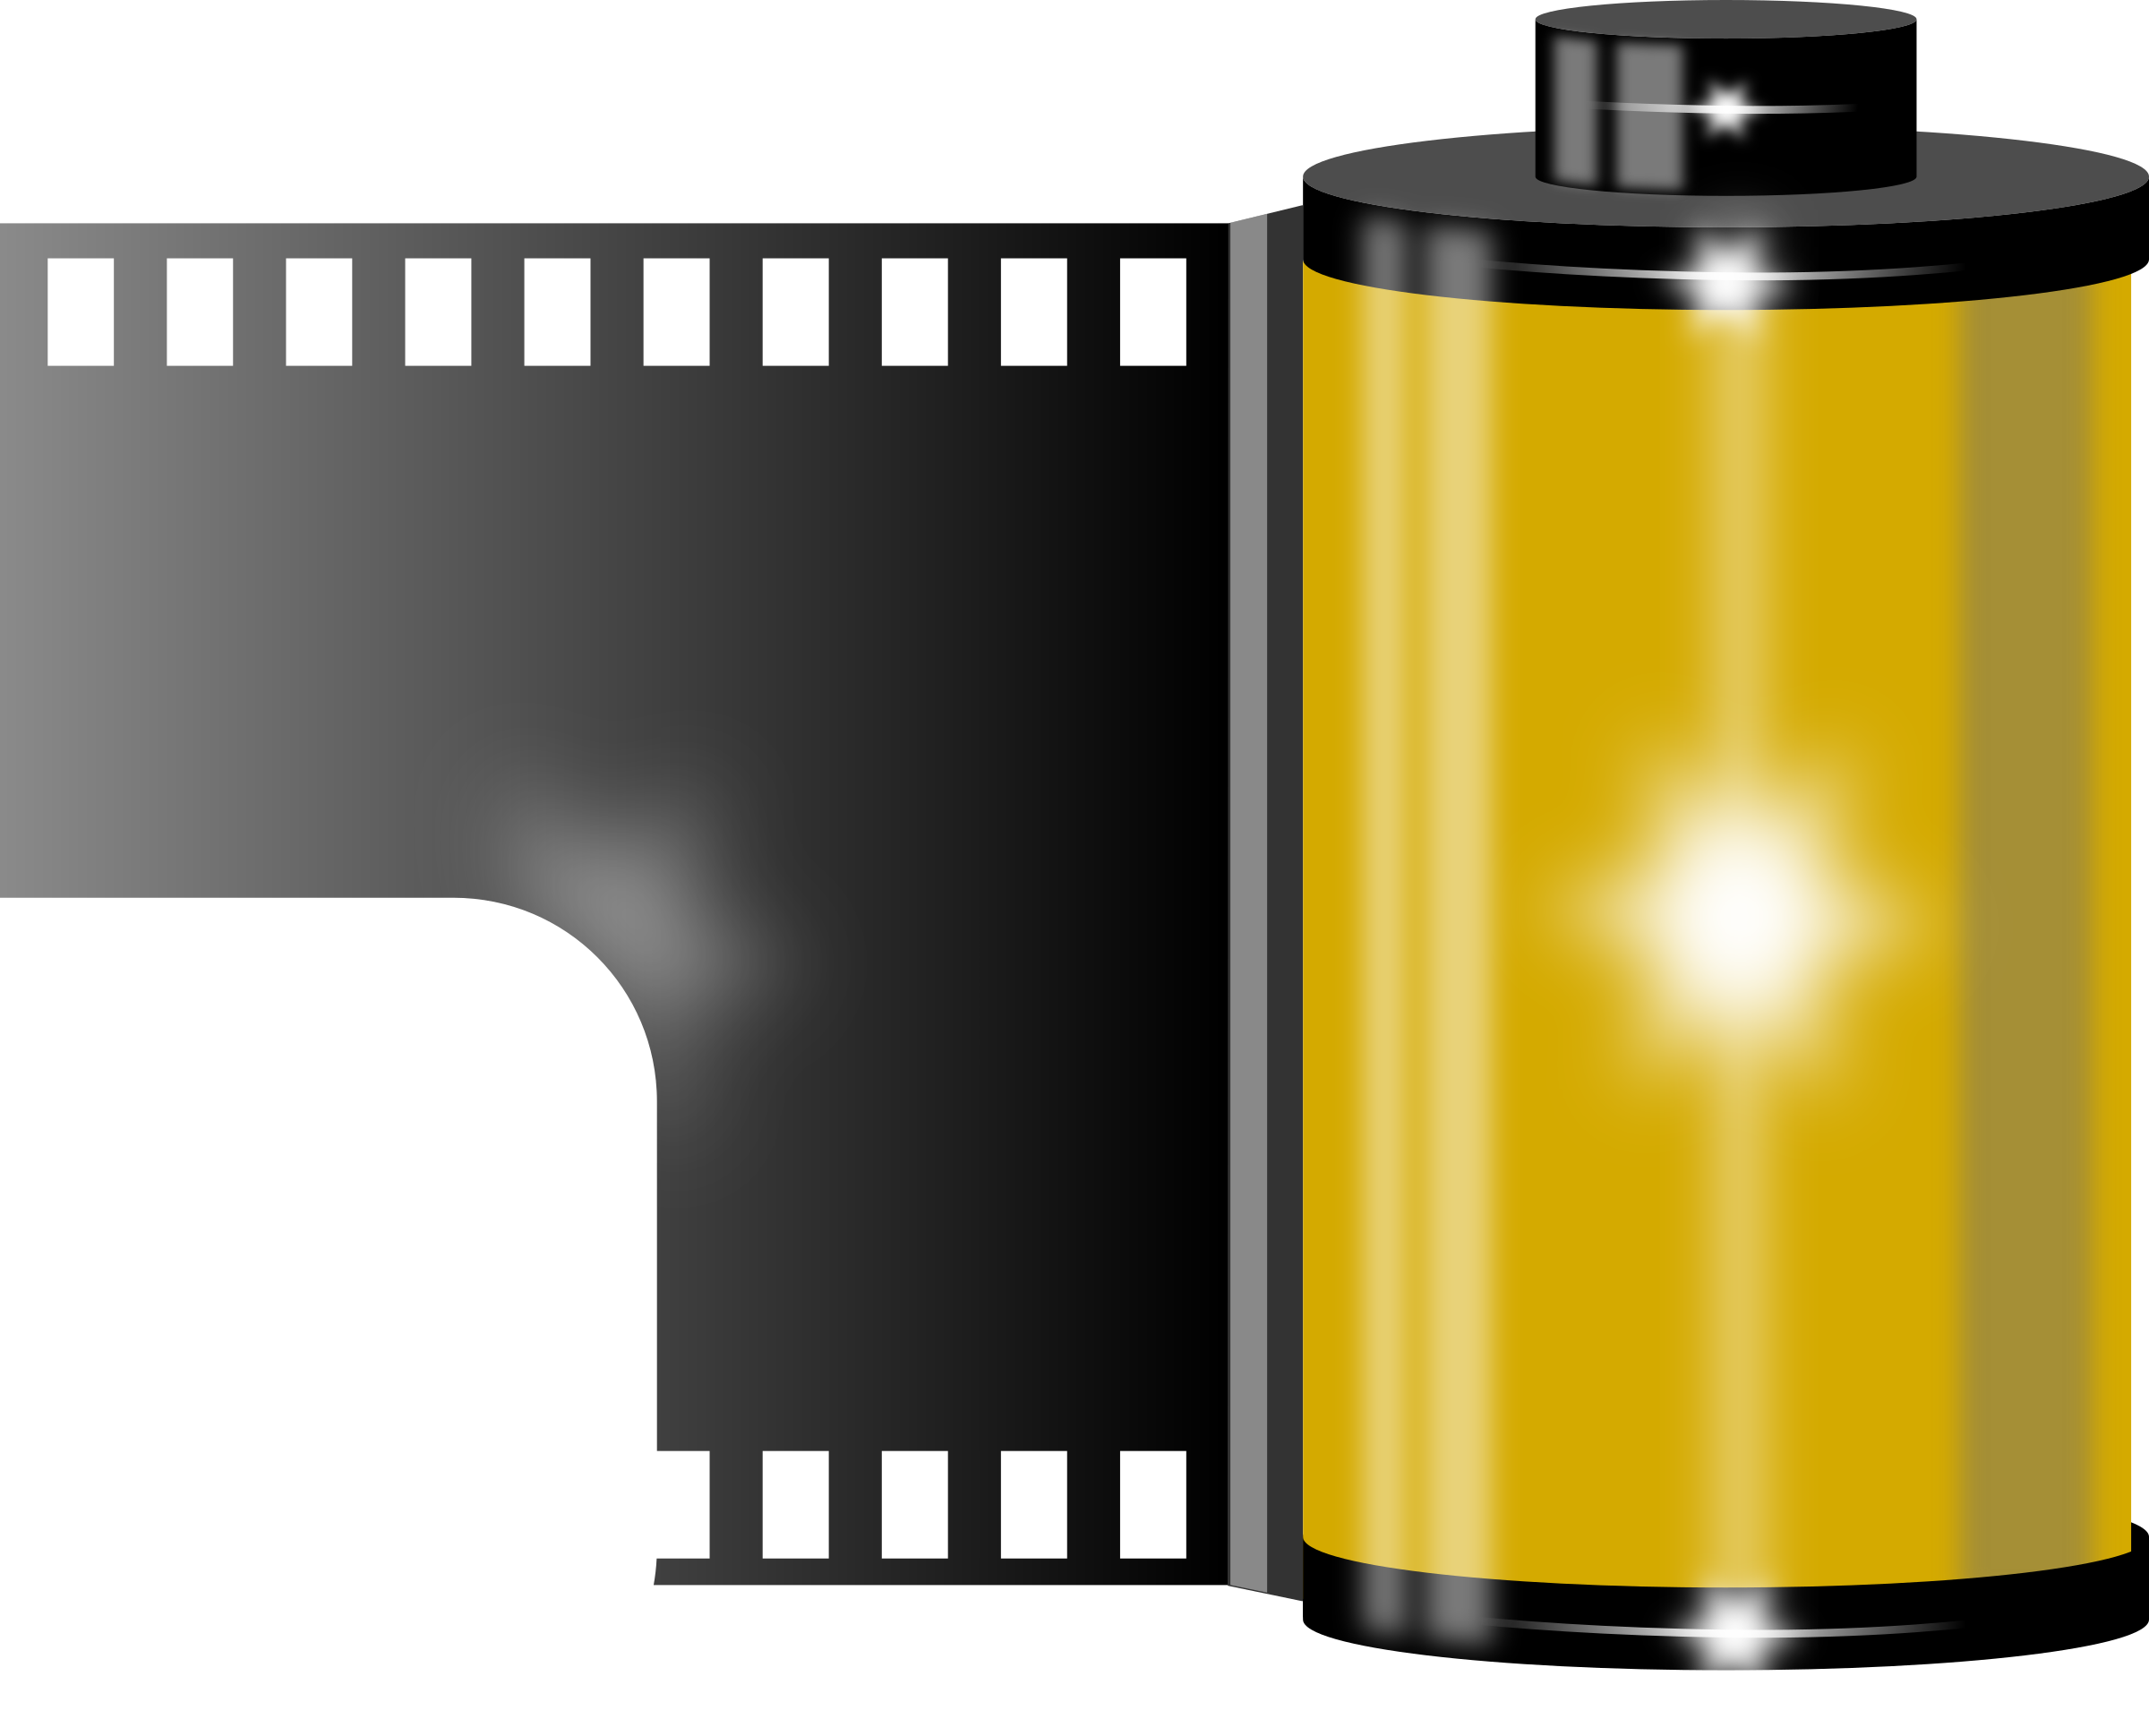 Roller. Film clipart camera roll